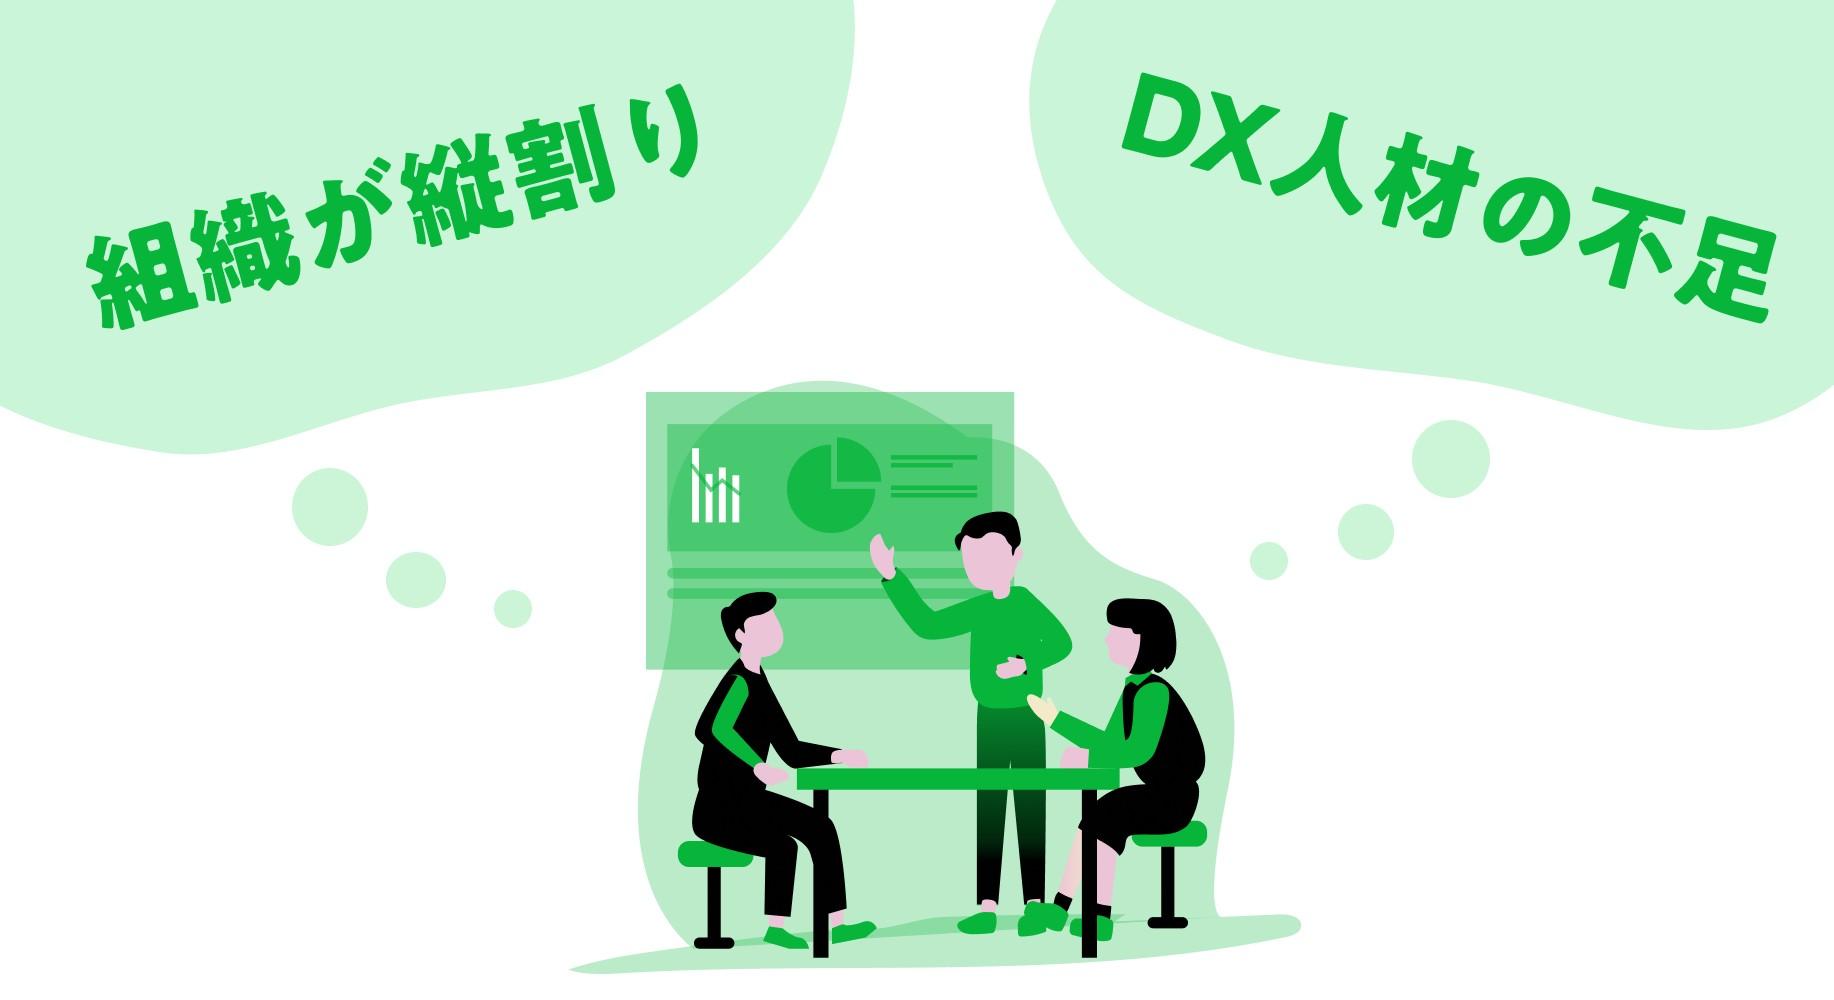 組織が縦割りとDX人材の不足の画像.png